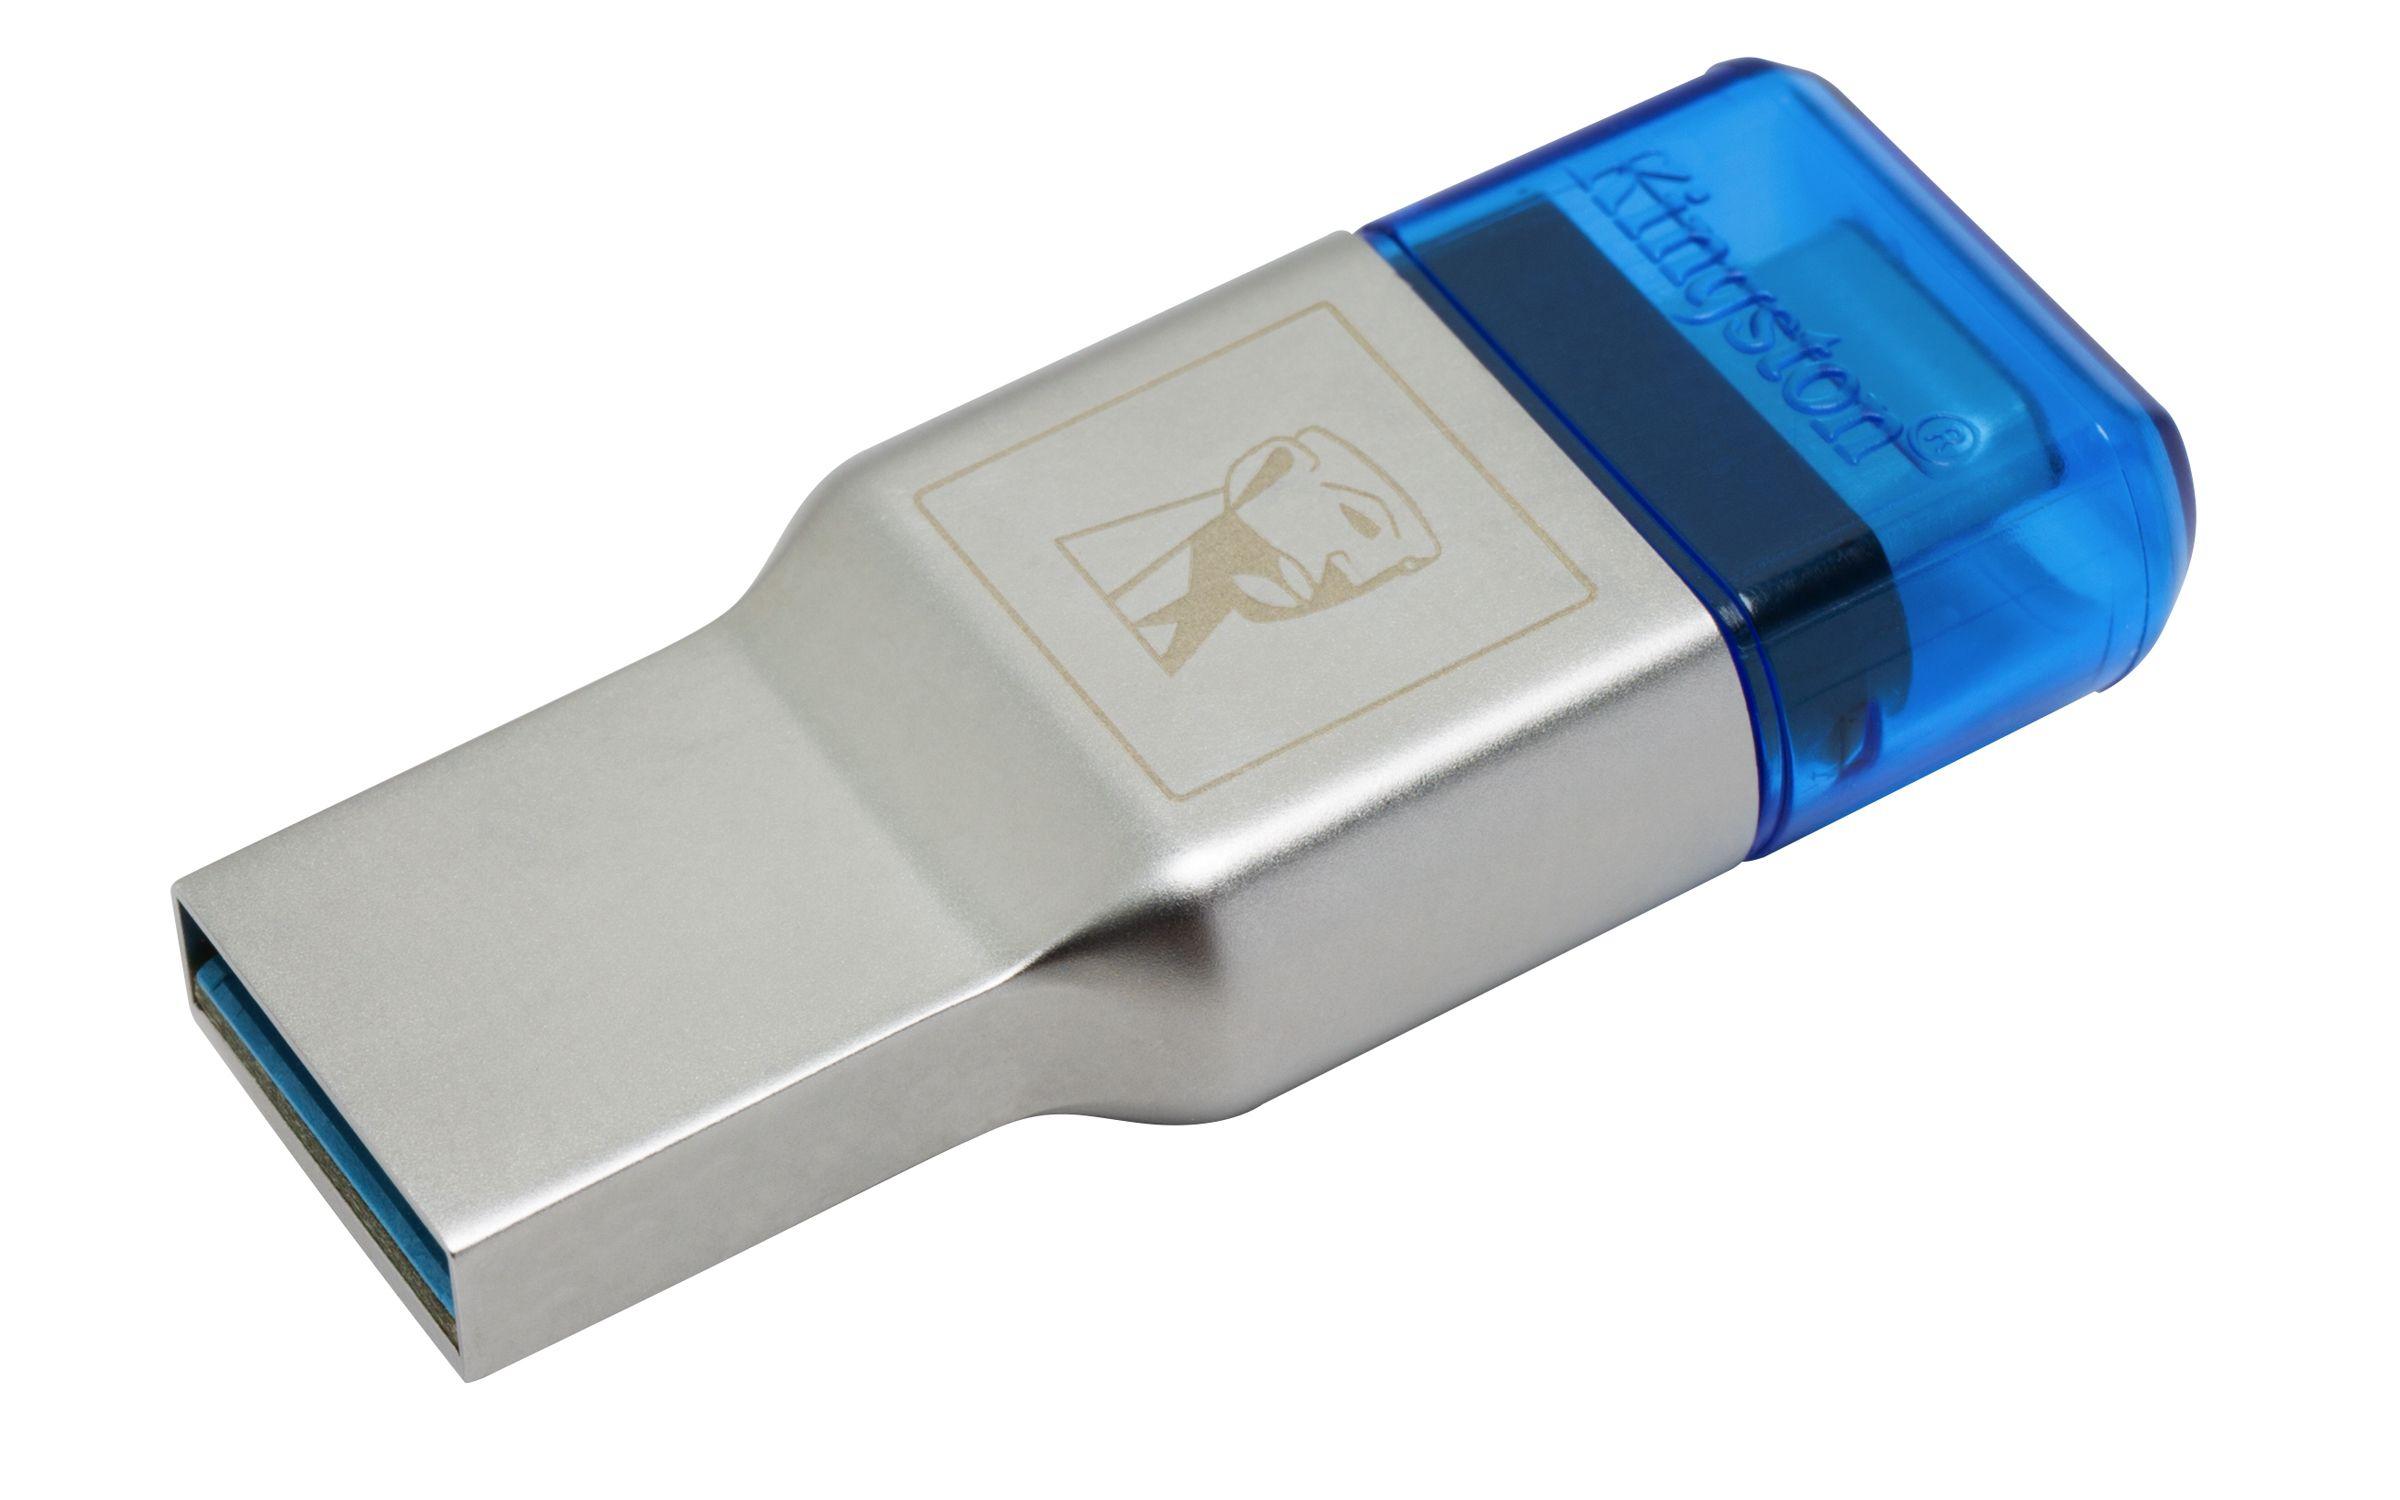 Kingston Technology MobileLite Duo 3C geheugenkaartlezer Blauw, Zilver USB 3.2 Gen 1 (3.1 Gen 1) Type-A/Type-C